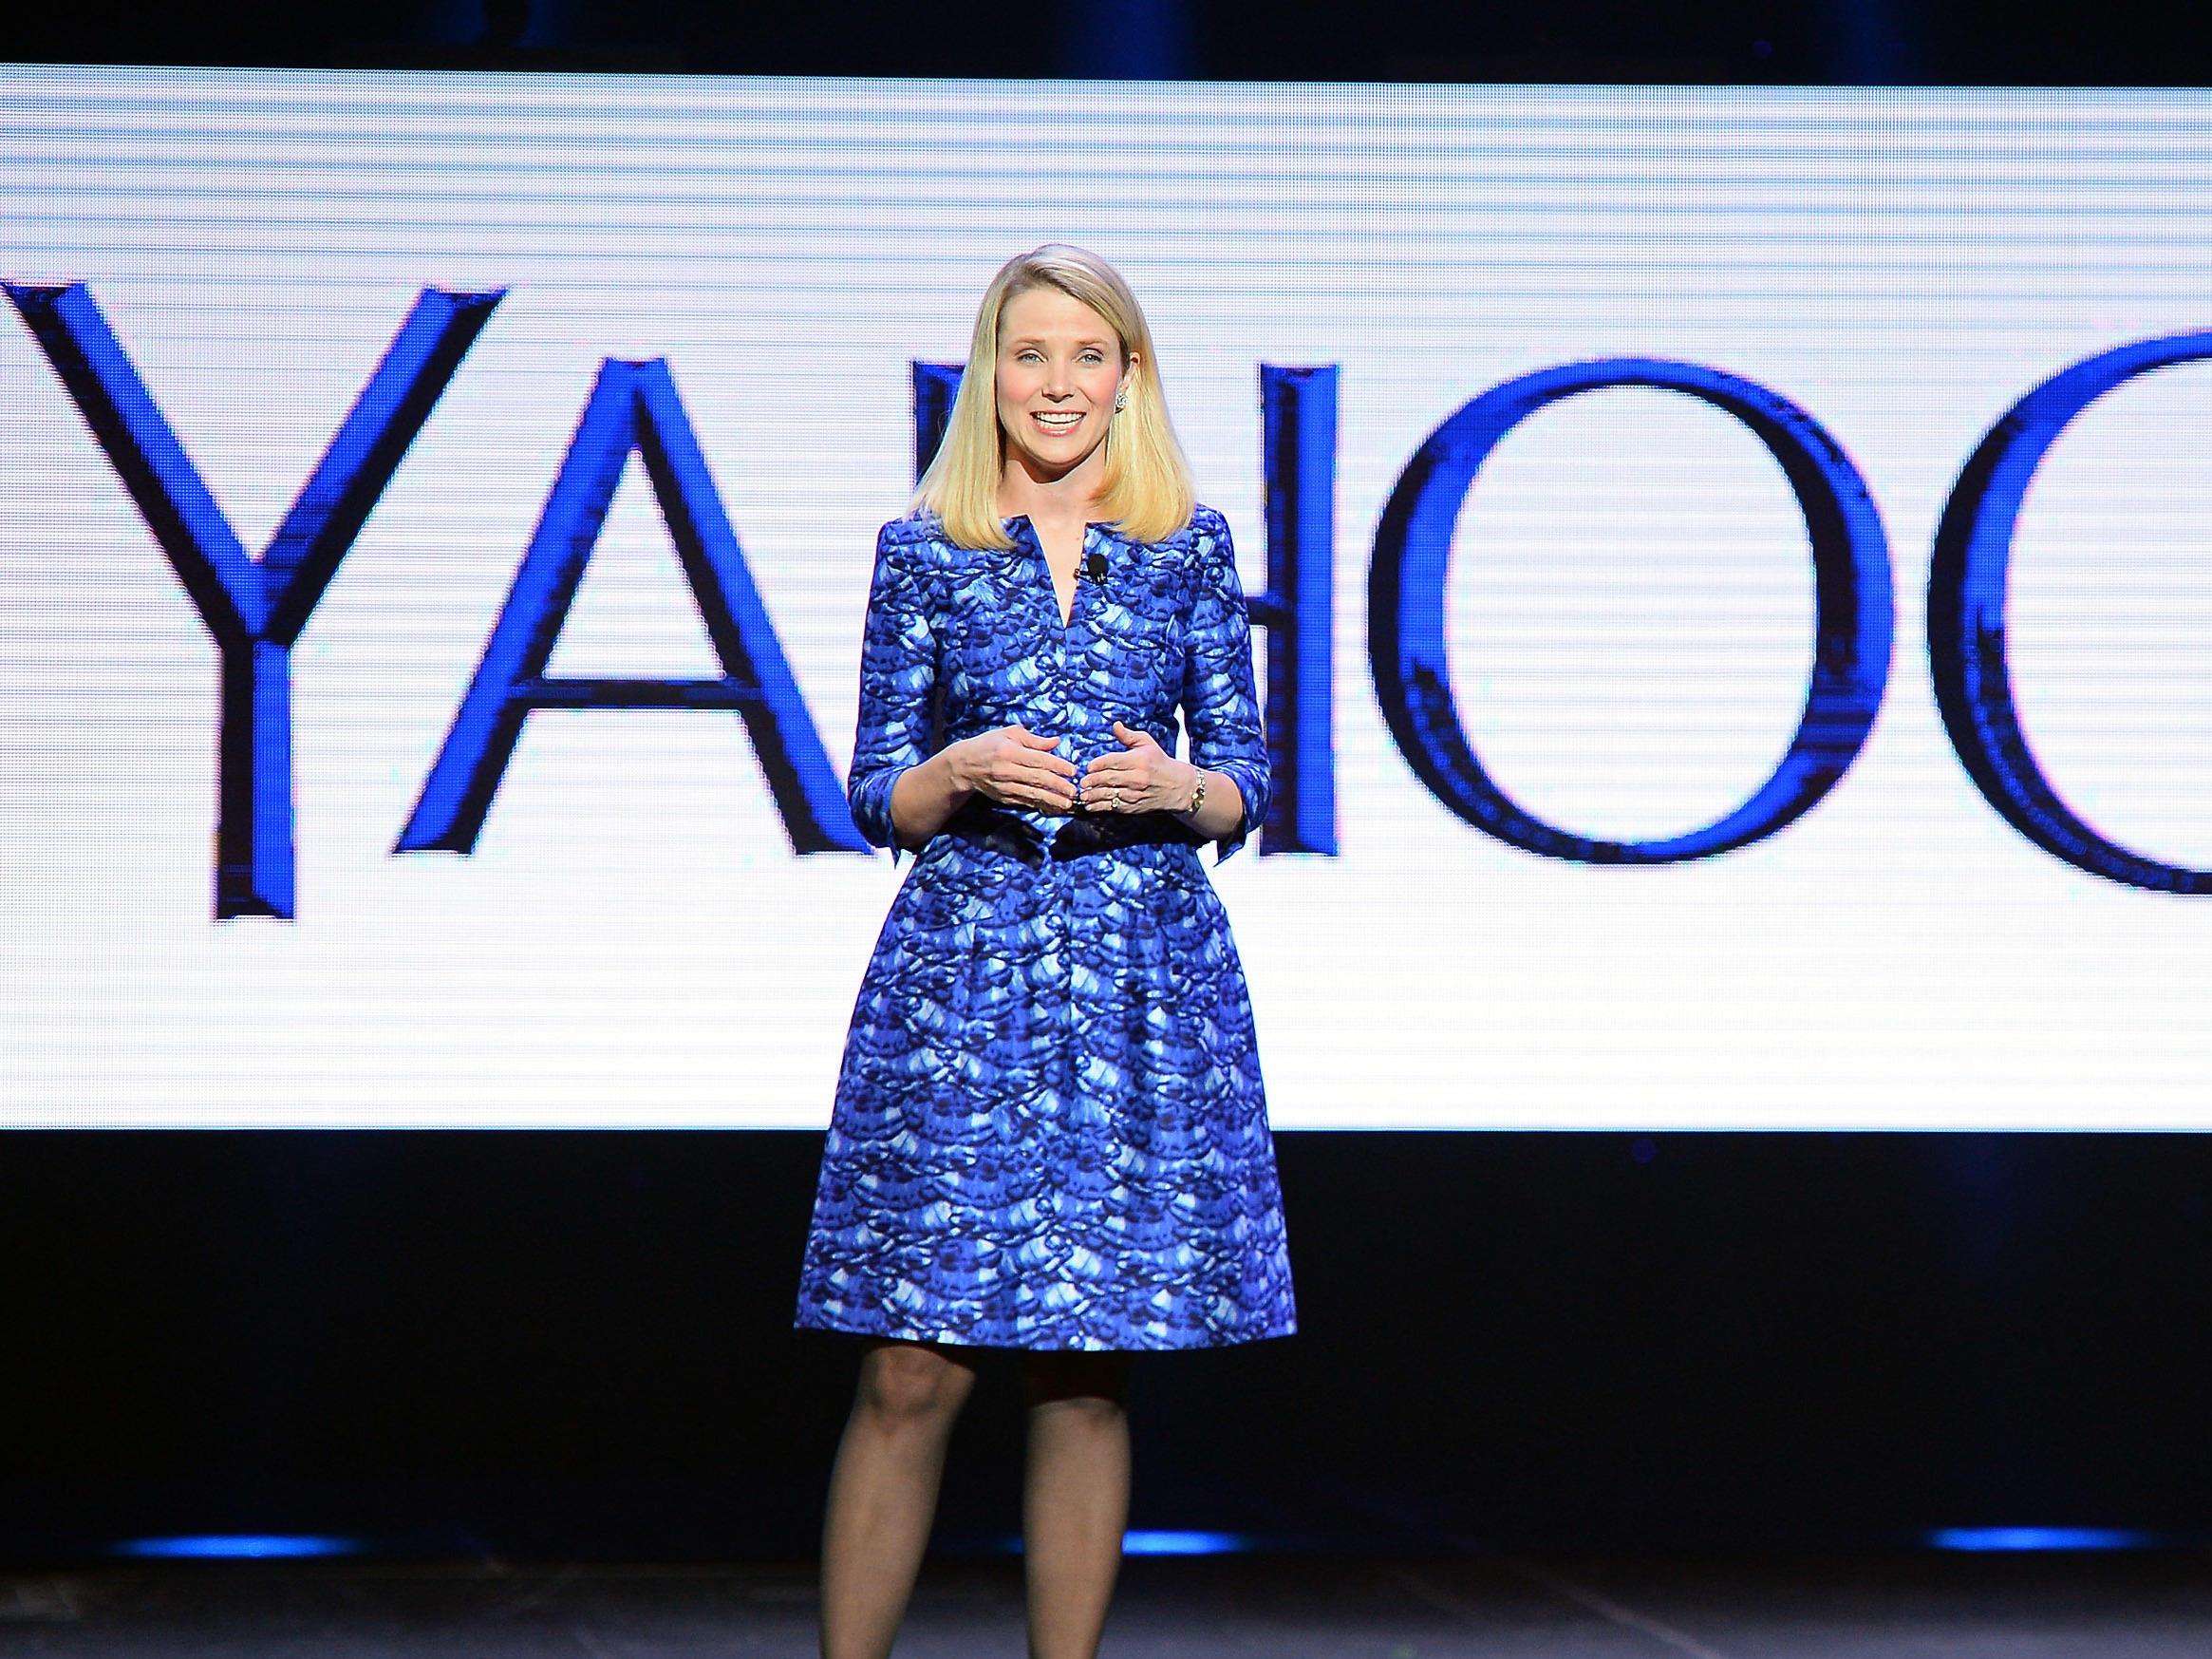 CEO Marissa Mayer Treated Yahoo Like A Think Tank, Not A